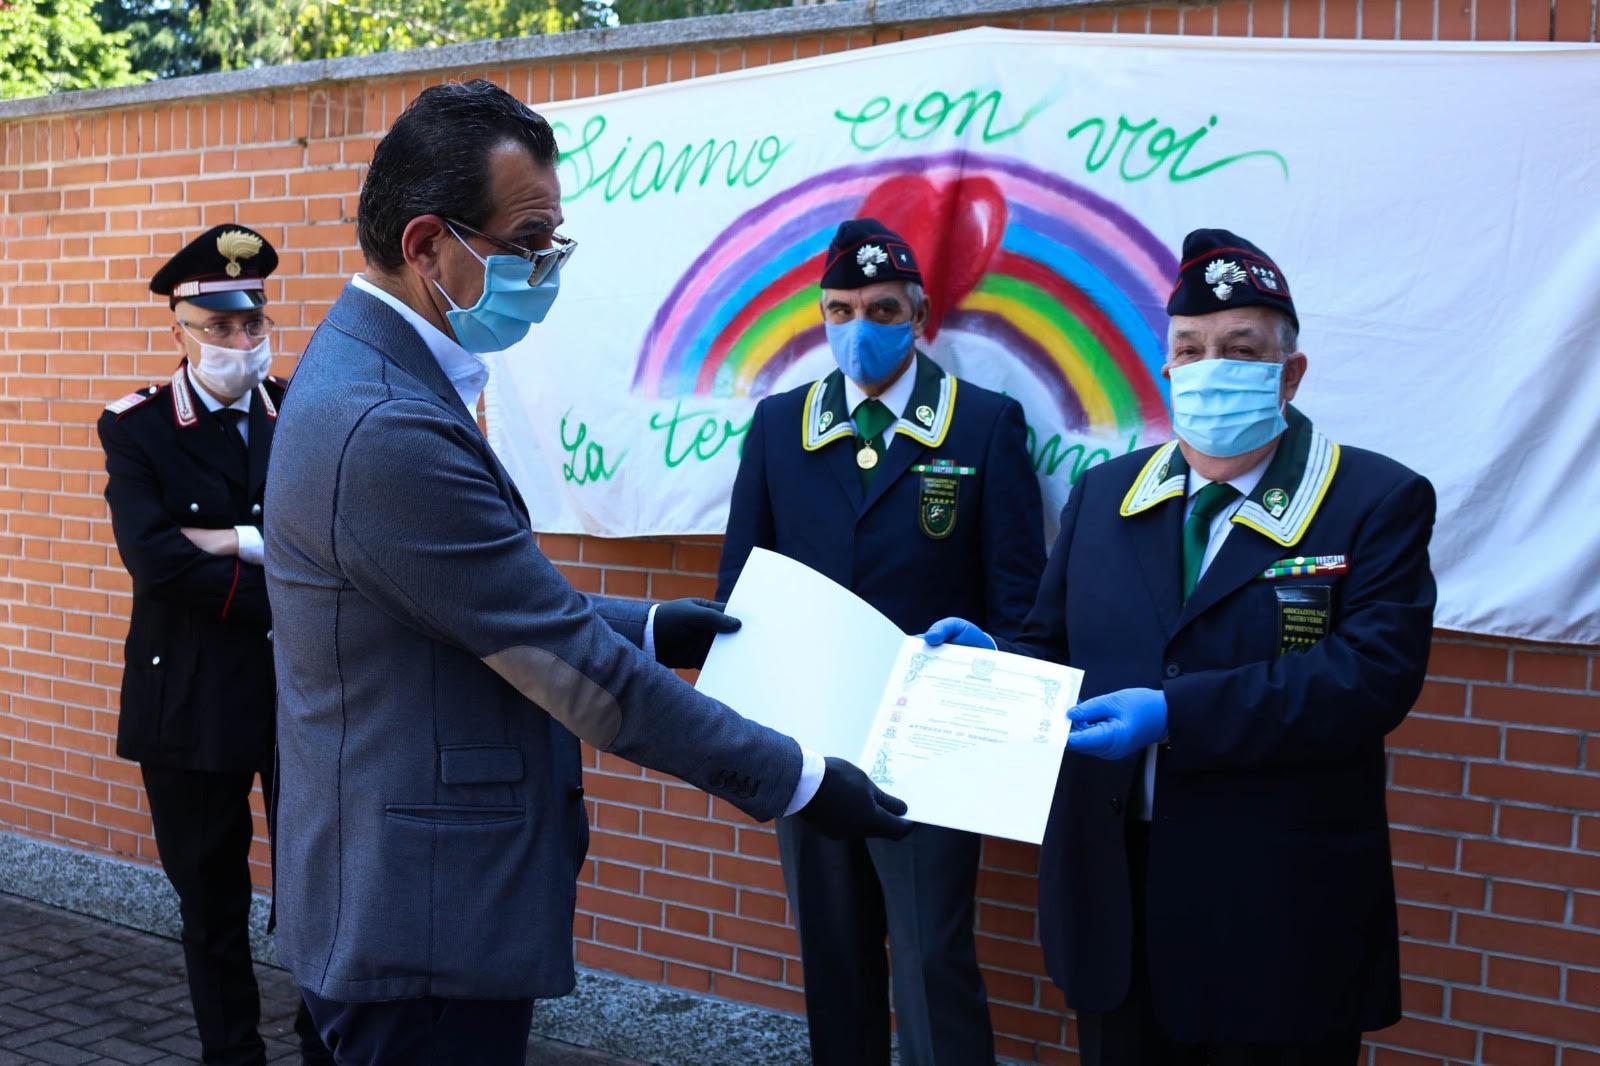 Associazione Nastro Verde Cottolengo Cerro Maggiore